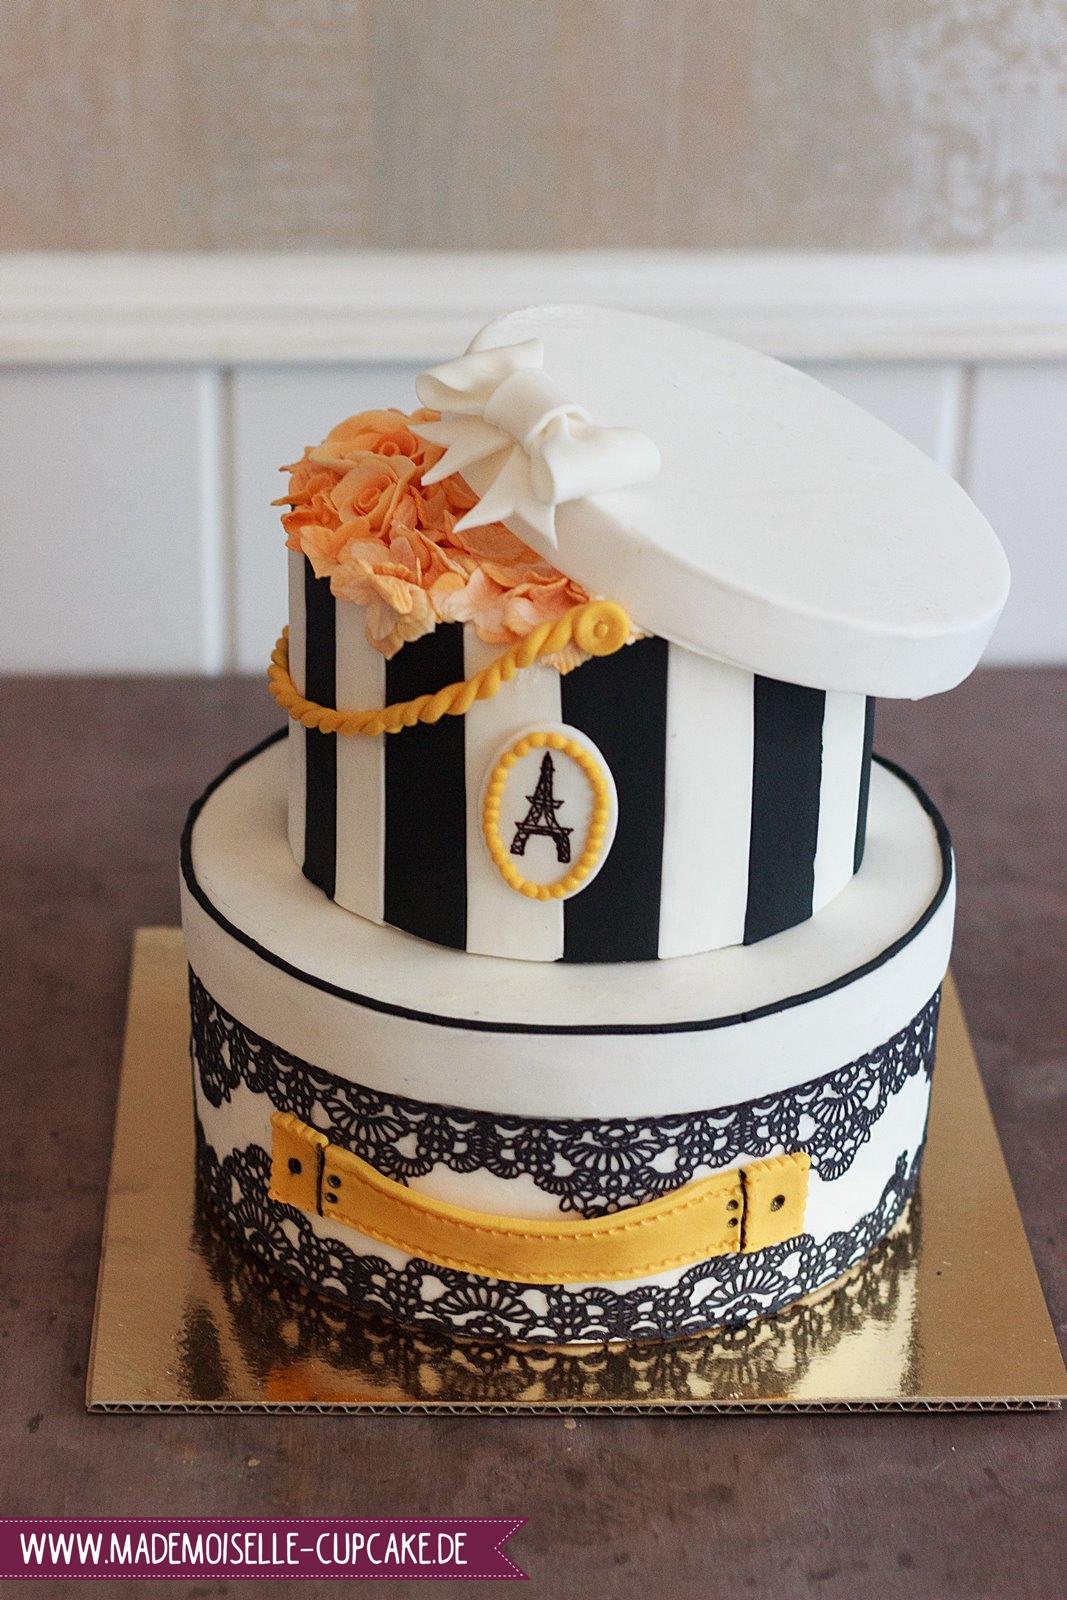 Vintage Hutbox Mademoiselle Cupcake